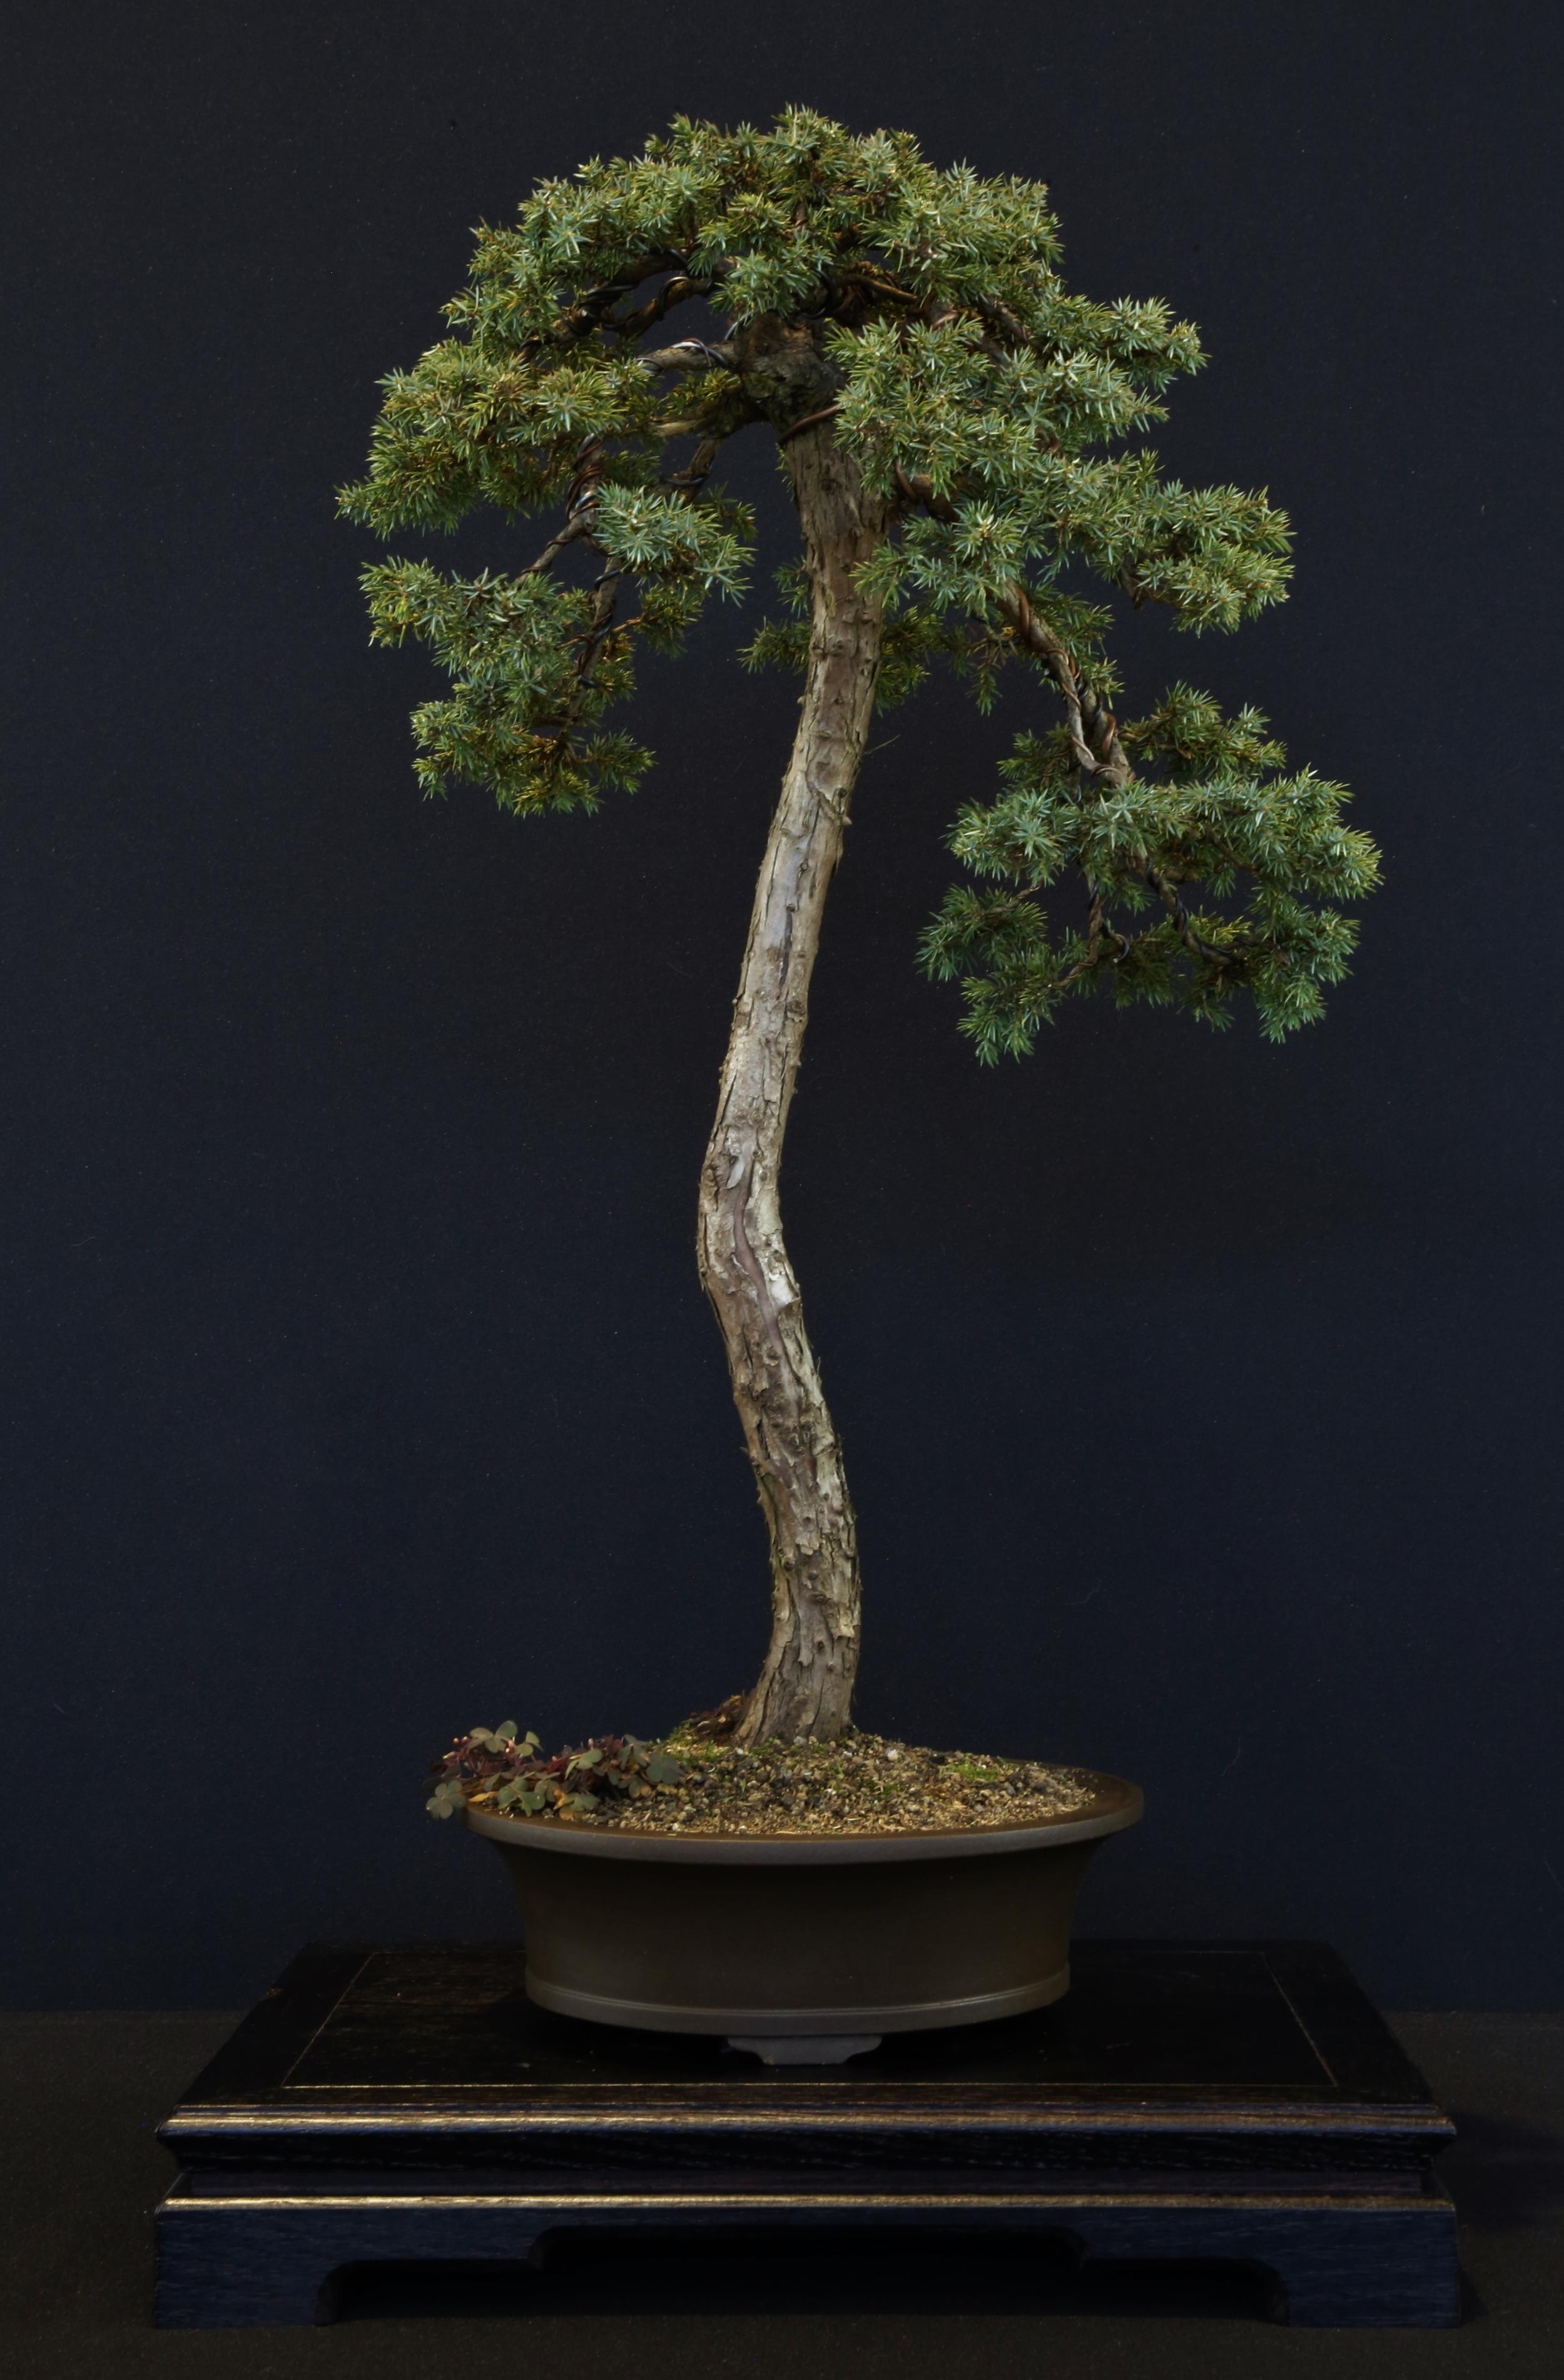 Juniperus sinensis